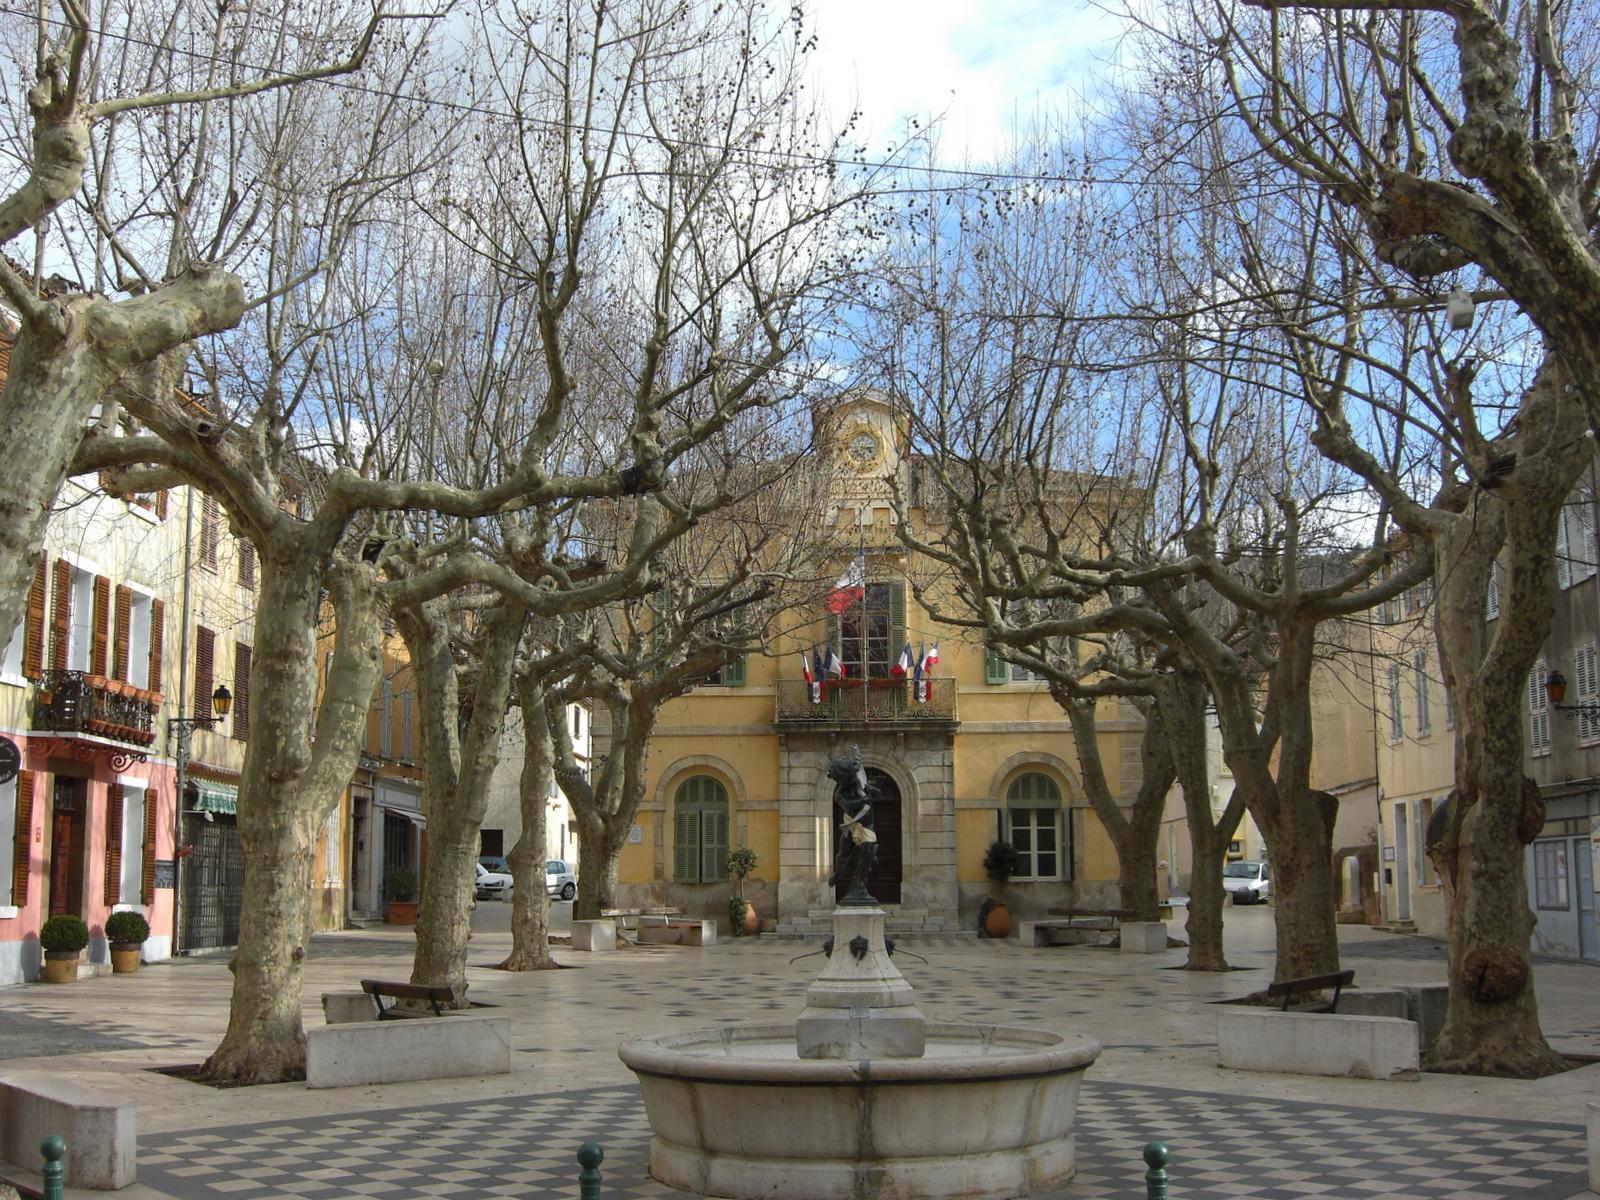 Collobrières Town Square